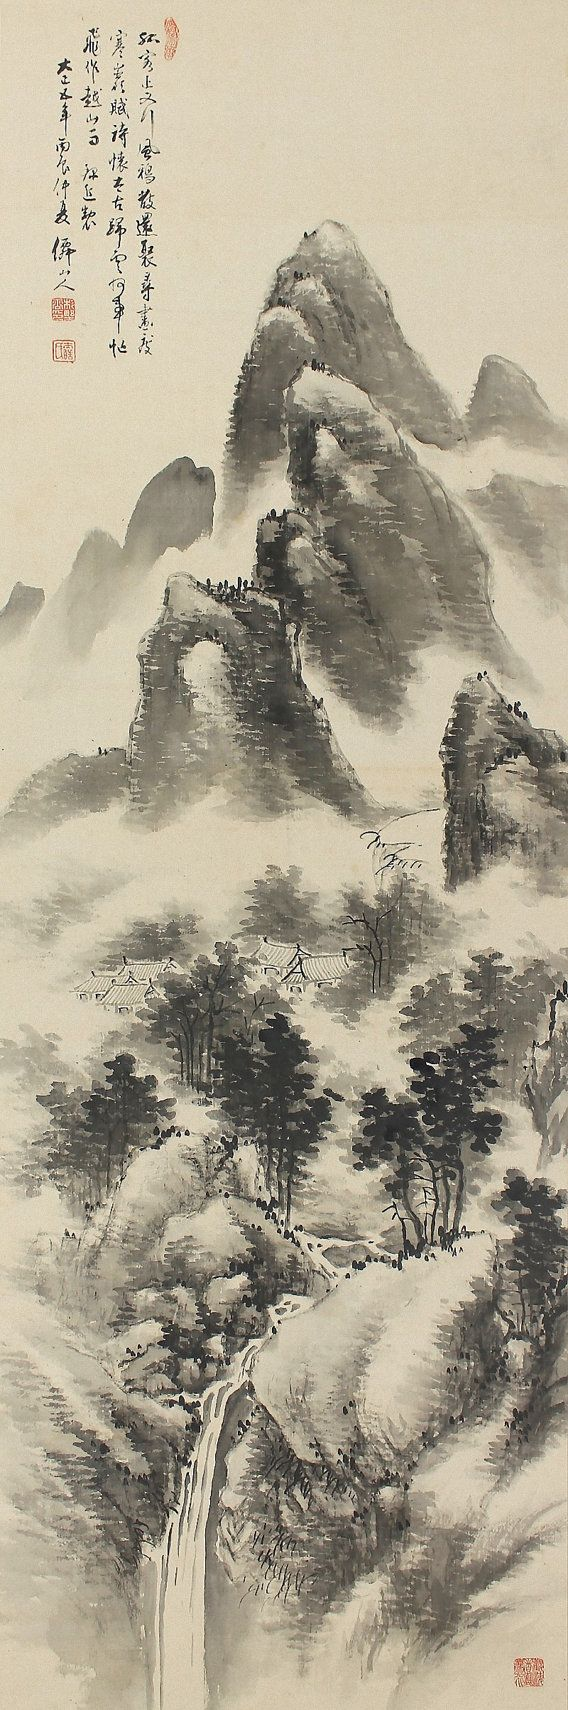 Paysage de Inkwash peinture japonaise Fine Art par SakuraAntiques